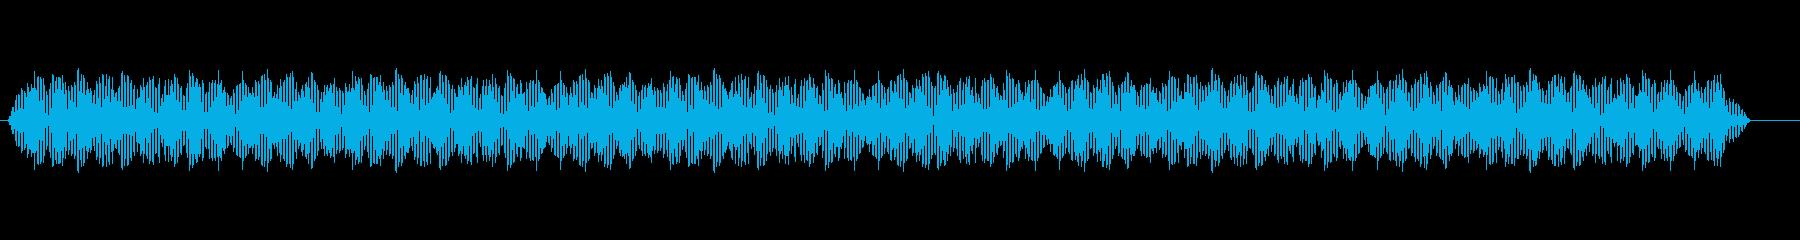 アンビエンス、サイエンスフィクショ...の再生済みの波形